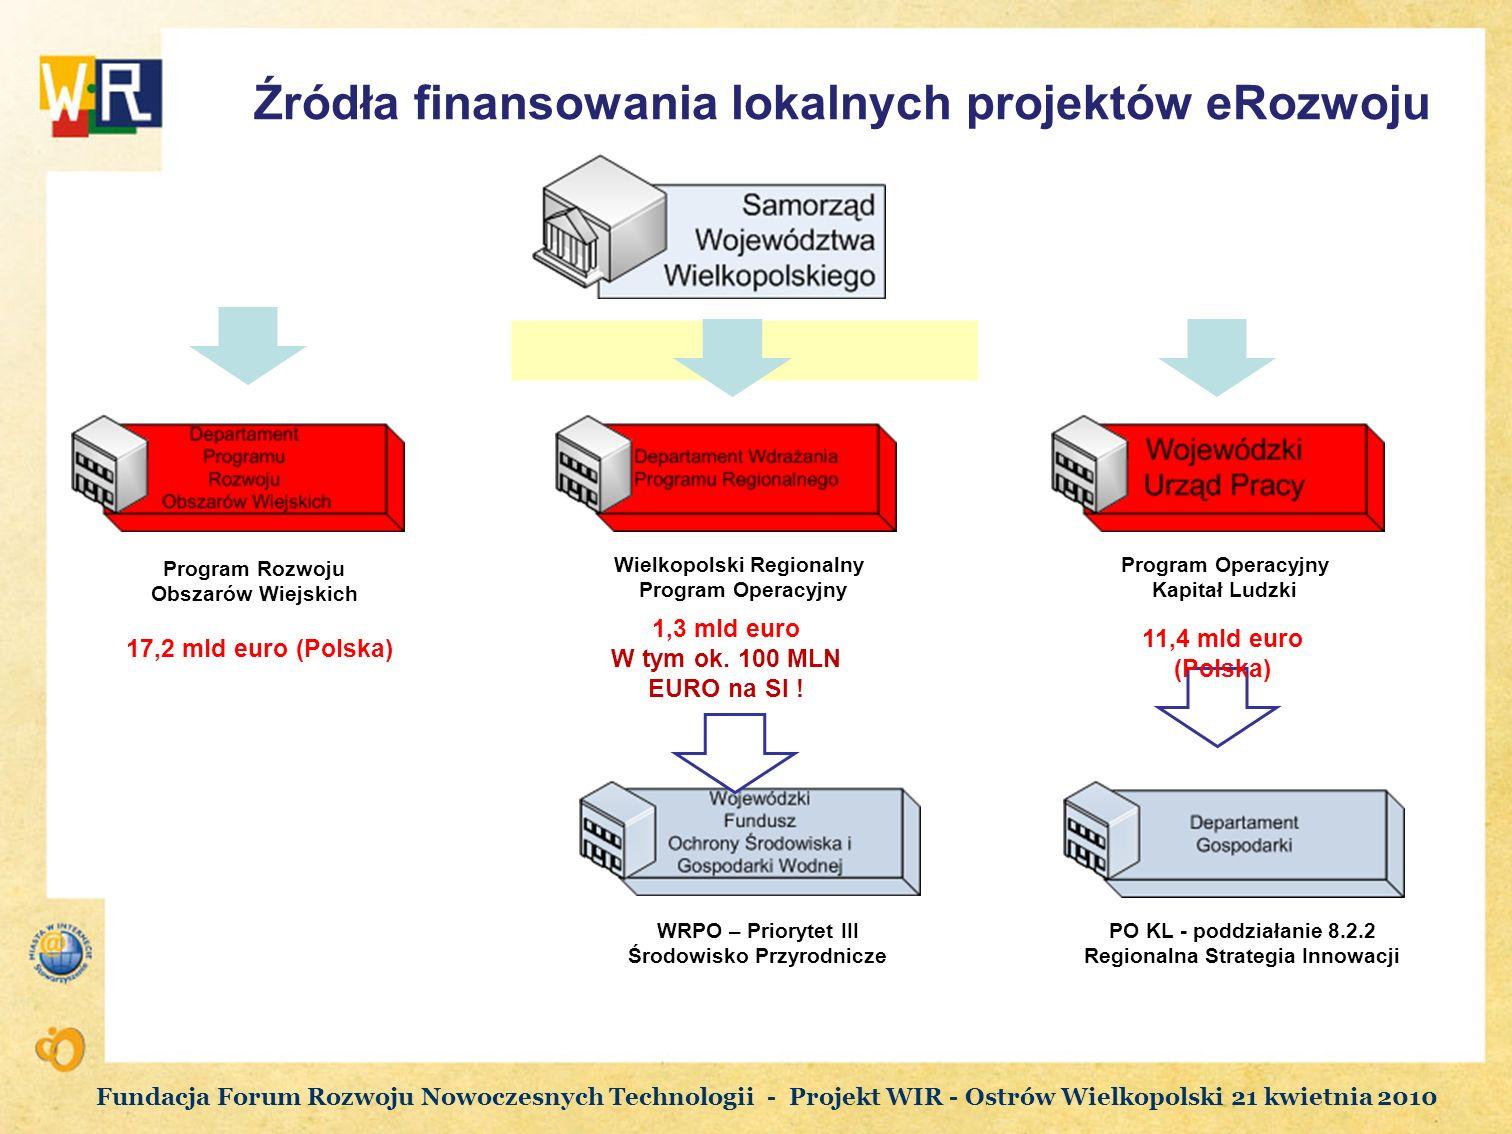 Źródła finansowania lokalnych projektów eRozwoju